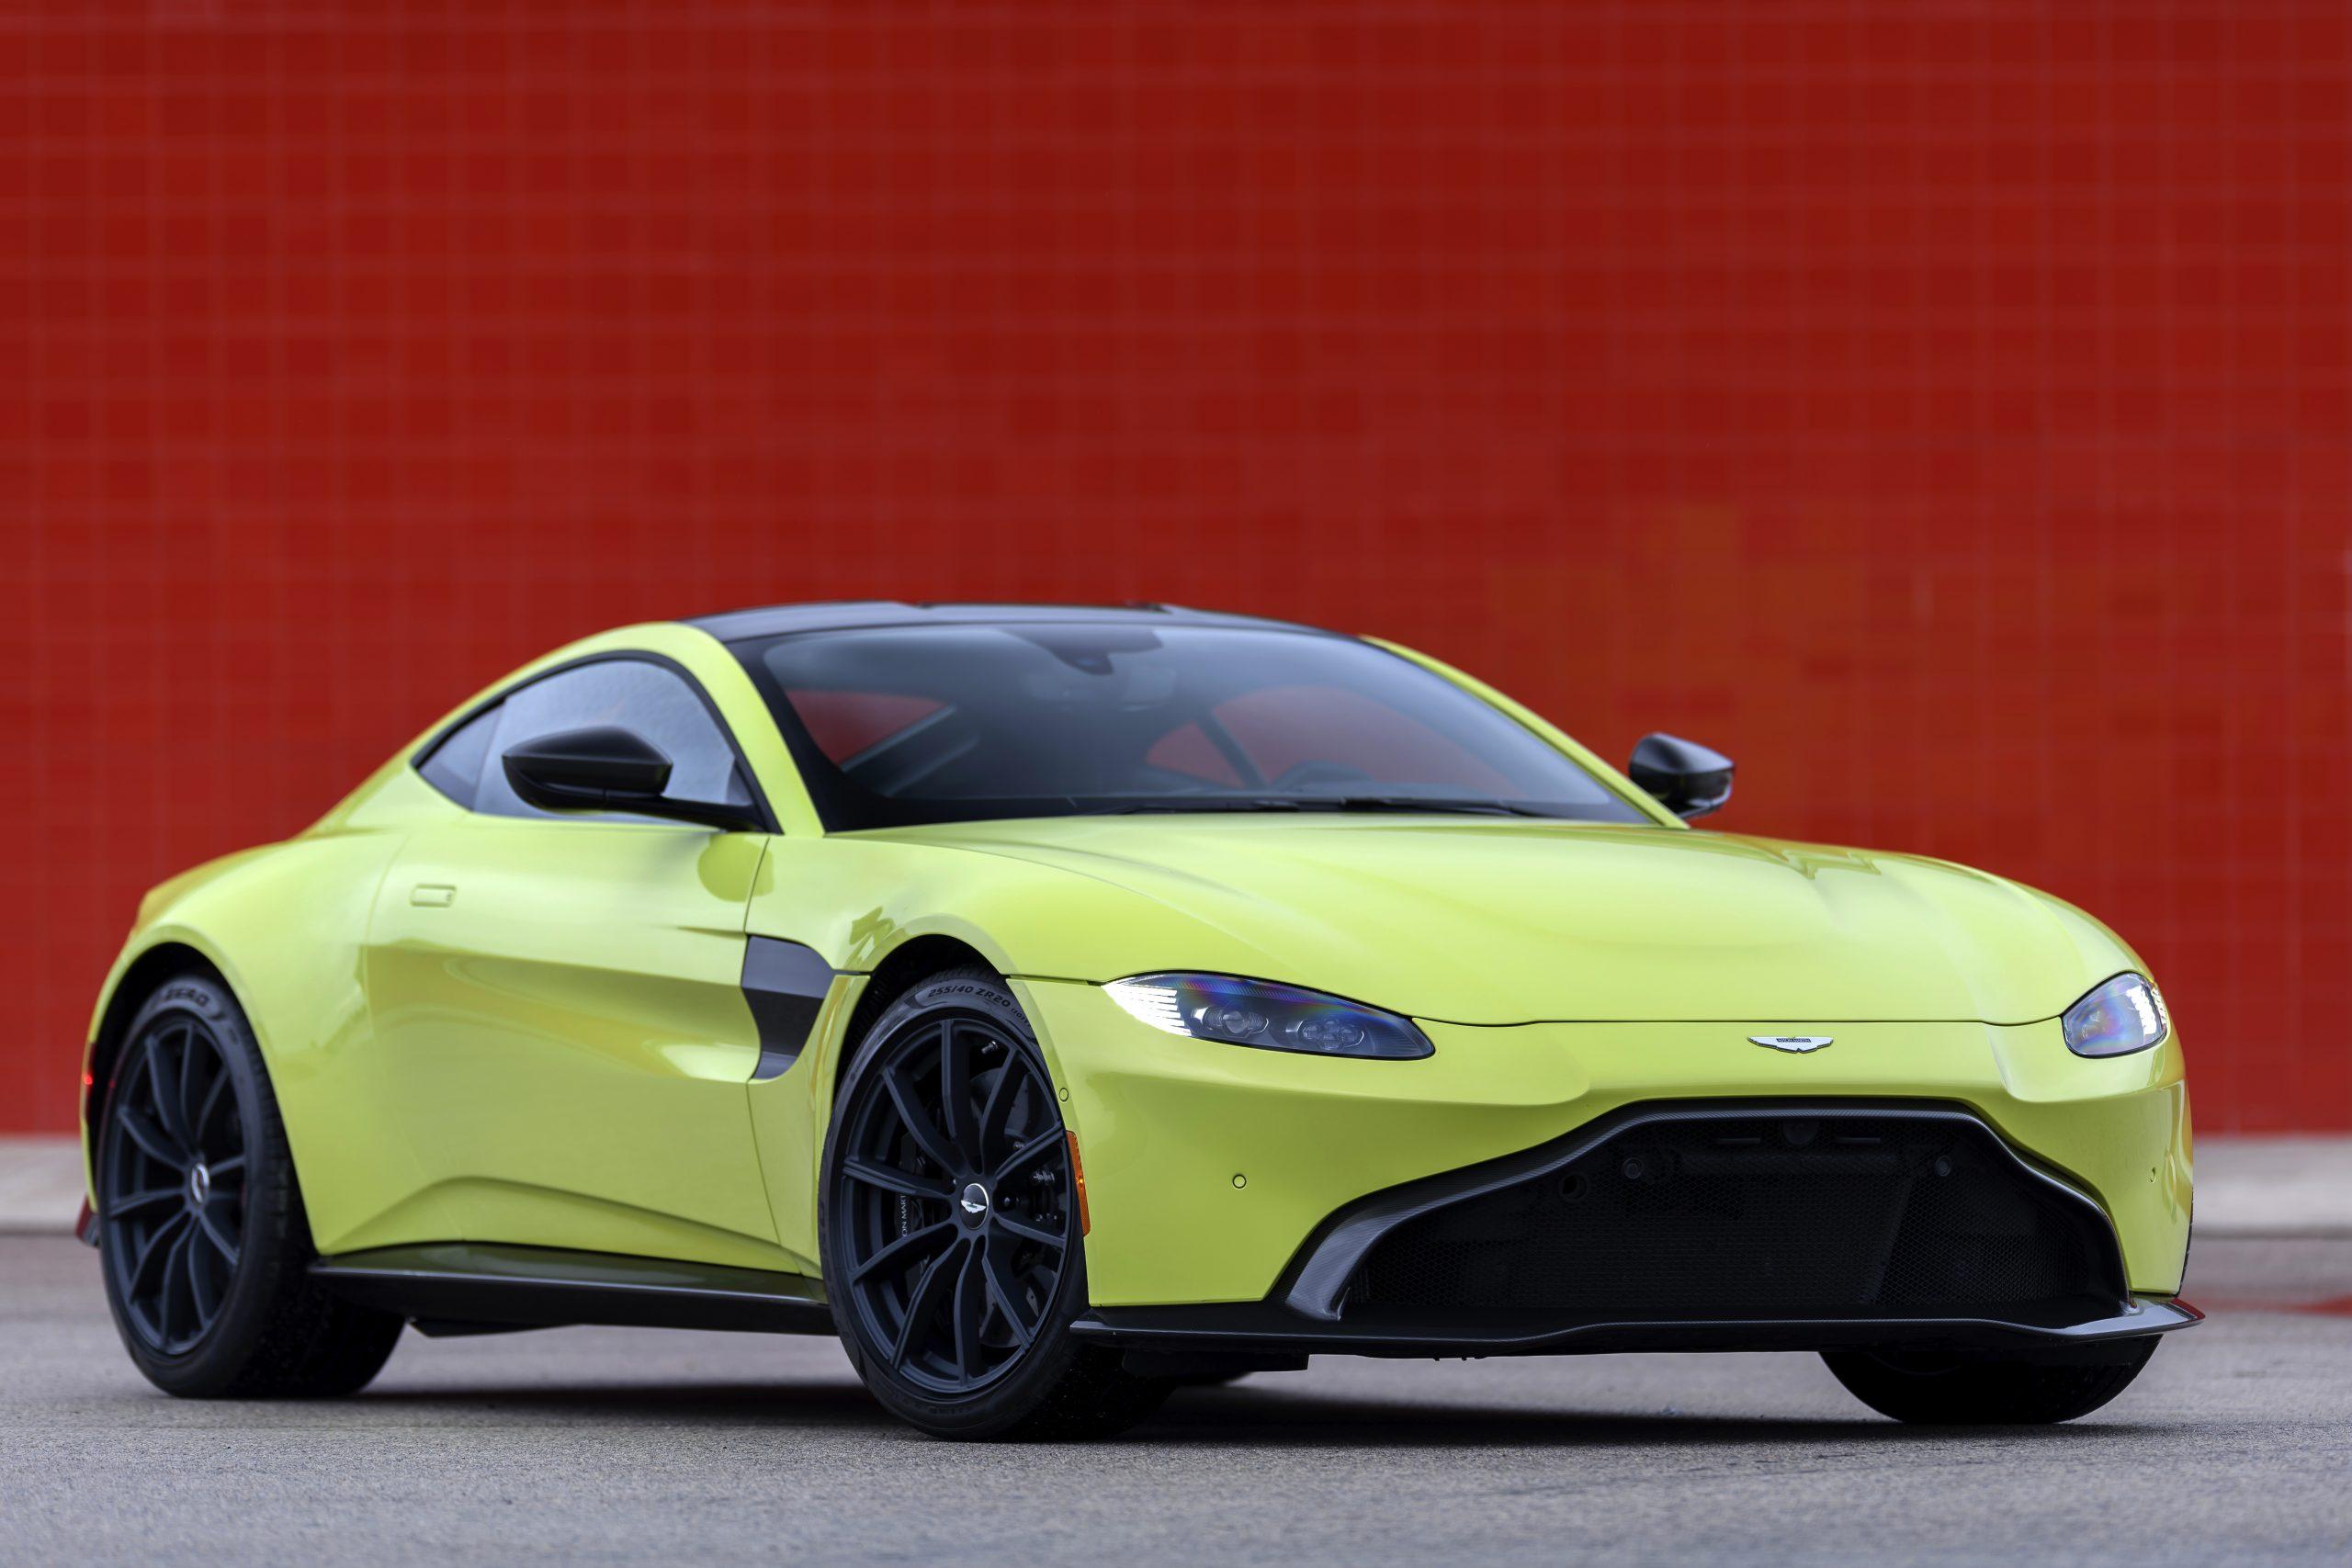 Aston Martin Vantage front 3/4